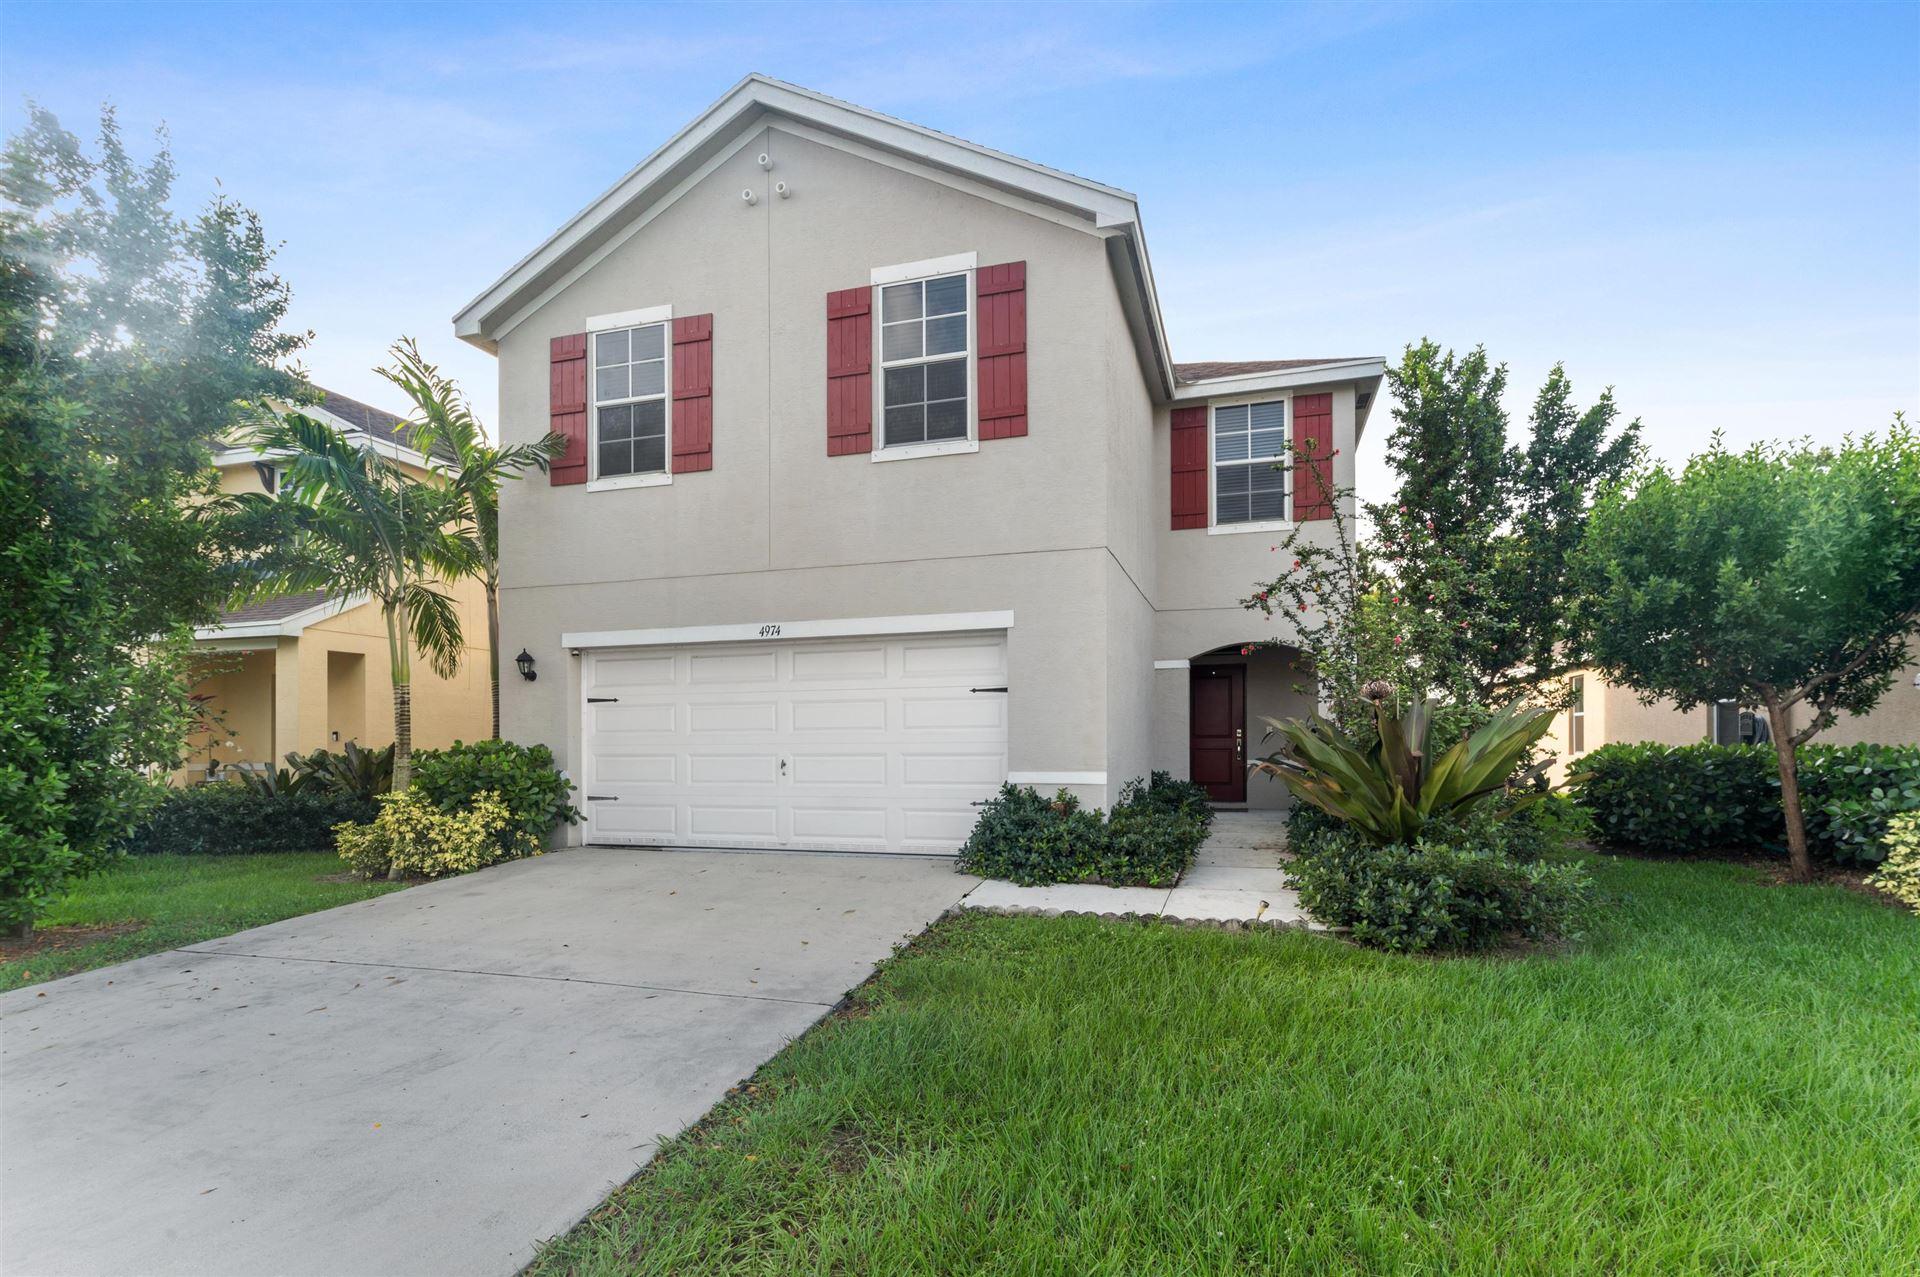 4974 Haverhill Pointe Drive, Haverhill, FL 33415 - #: RX-10667044